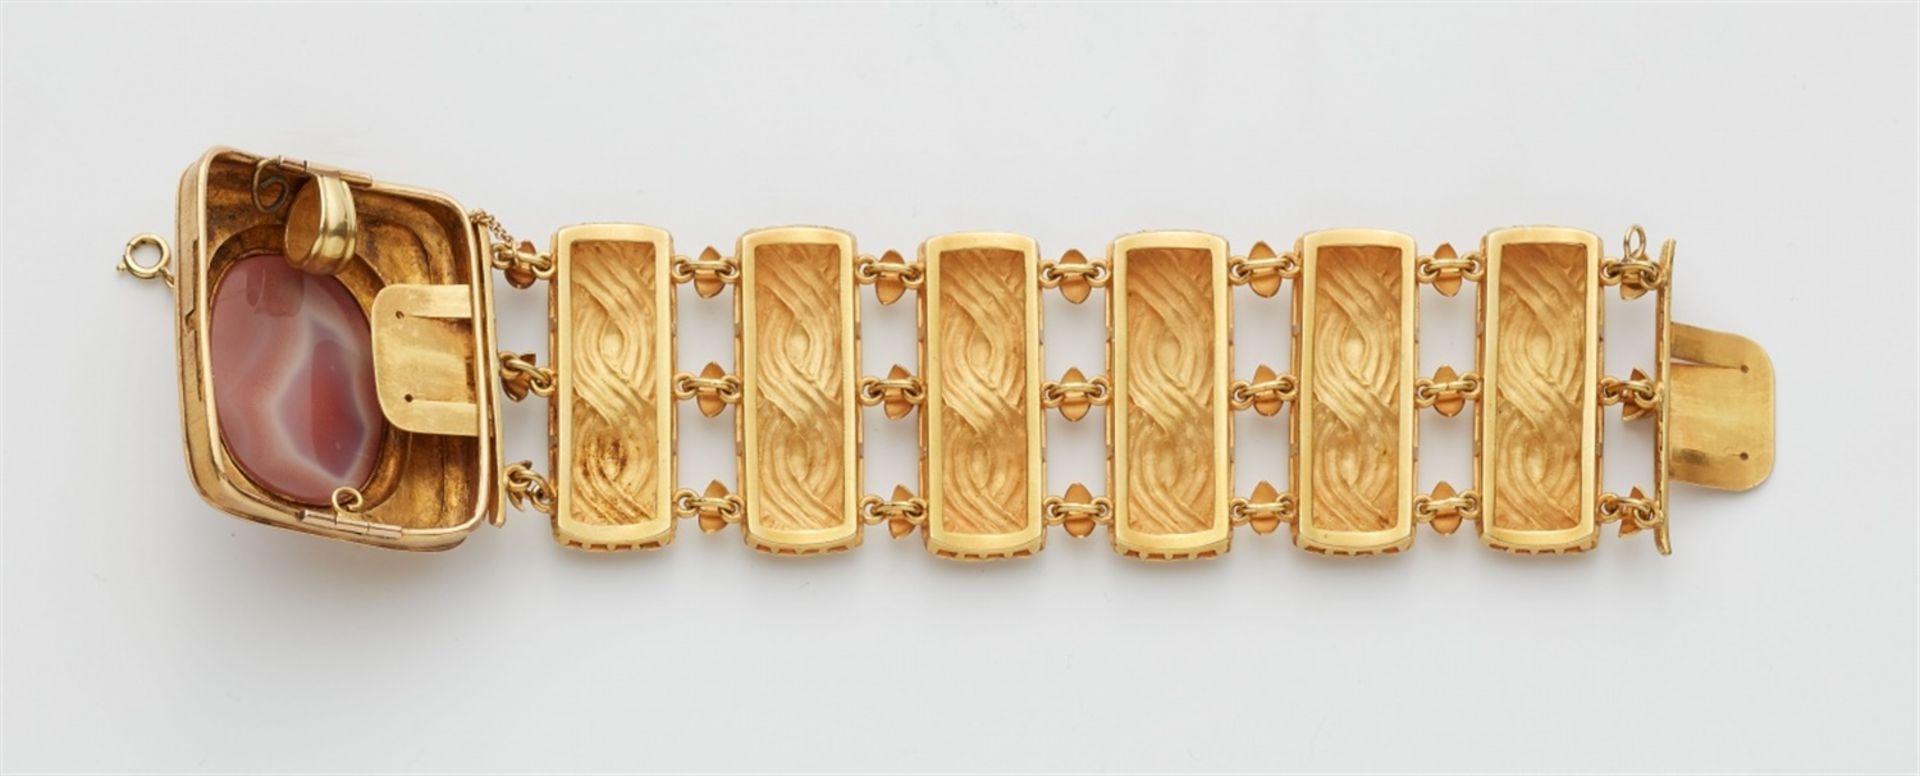 Armband mit Kameenschließe - Bild 2 aus 4